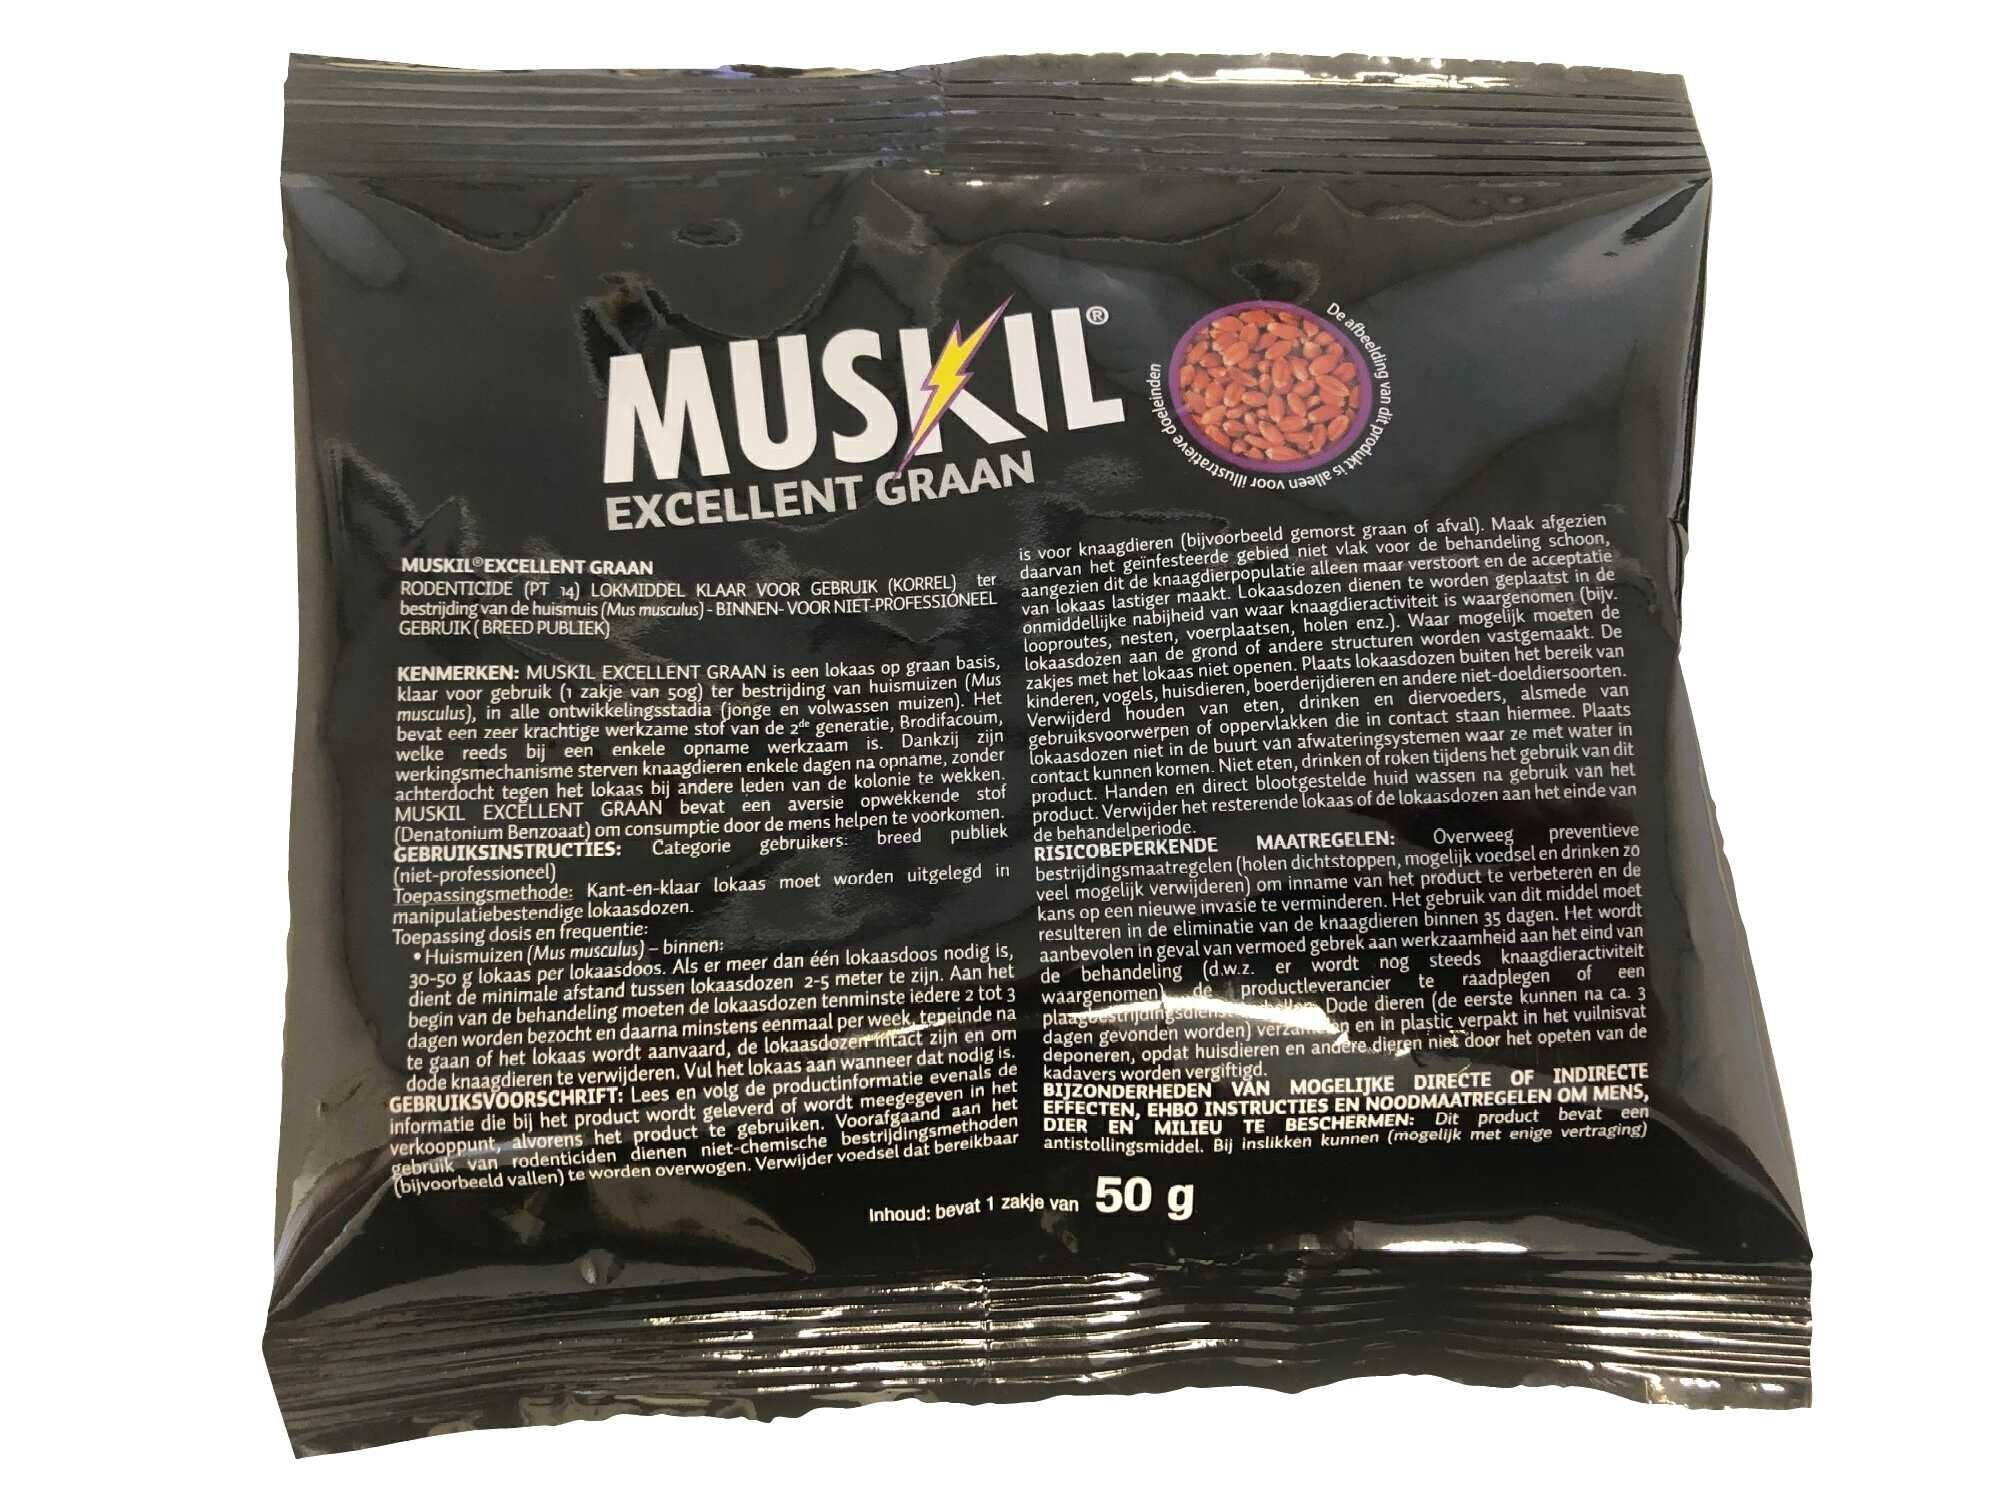 Muskil Excelent graan muizengif 50gr